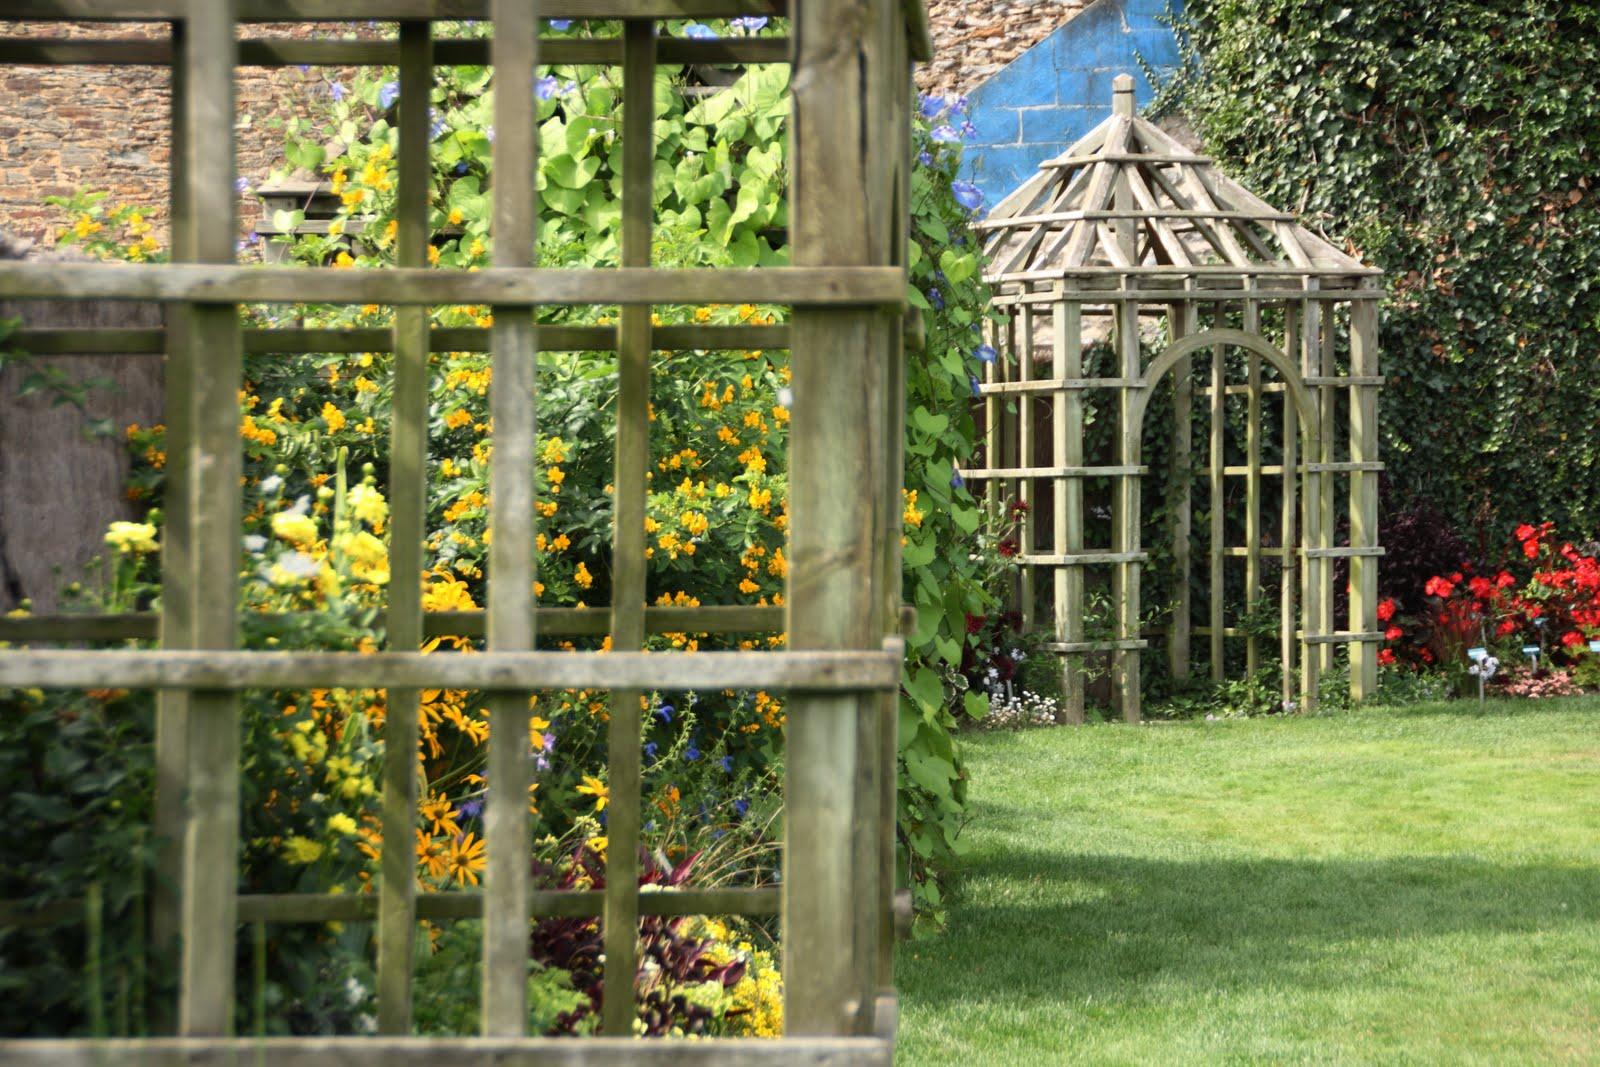 Ch teau gontier daily photo les jardins rue d 39 alsace lorraine - Les jardins d alsace ...